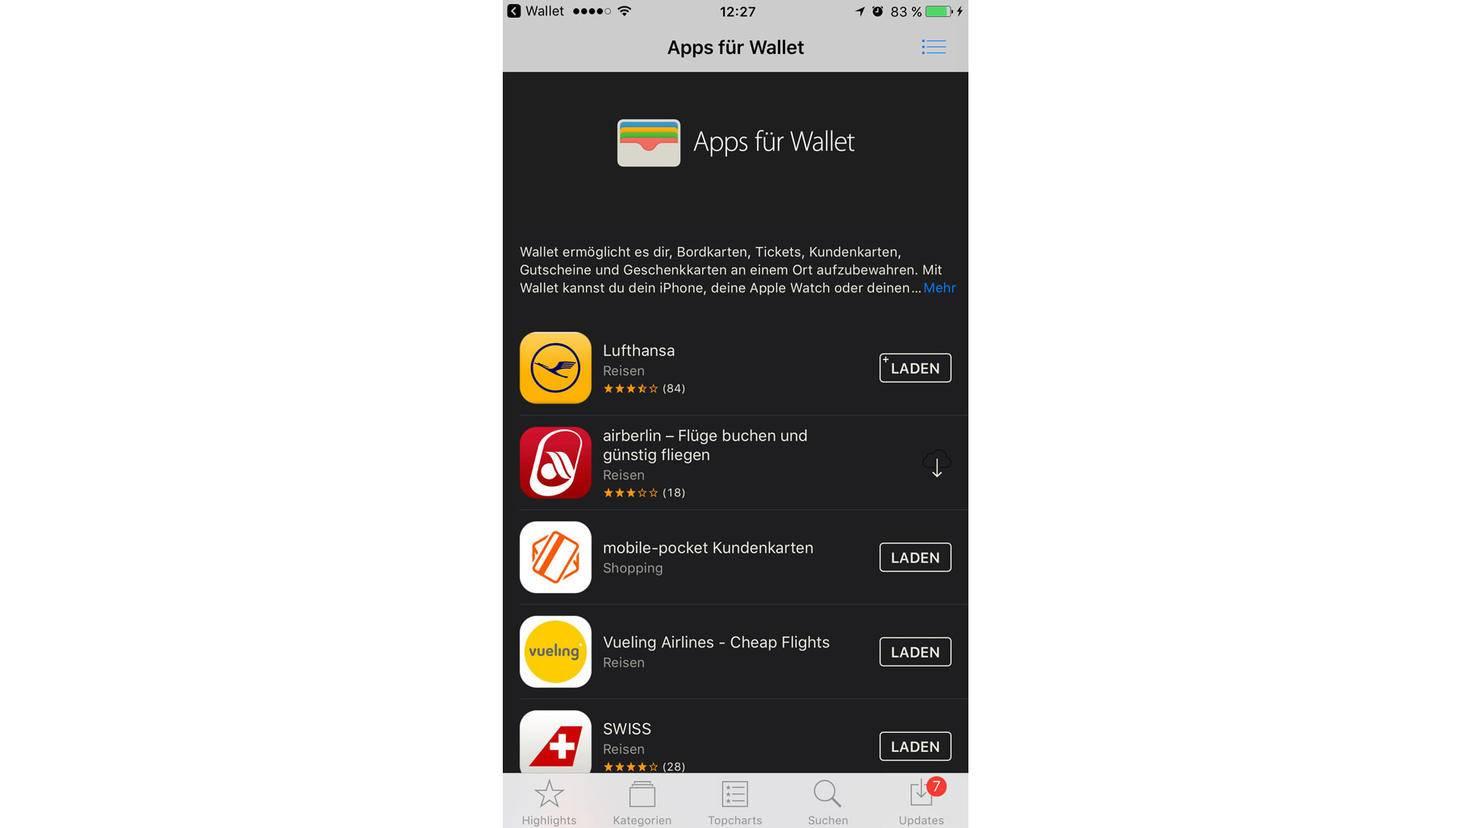 Im App Store werden alle Apps aufgelistet, die Wallet unterstützen.